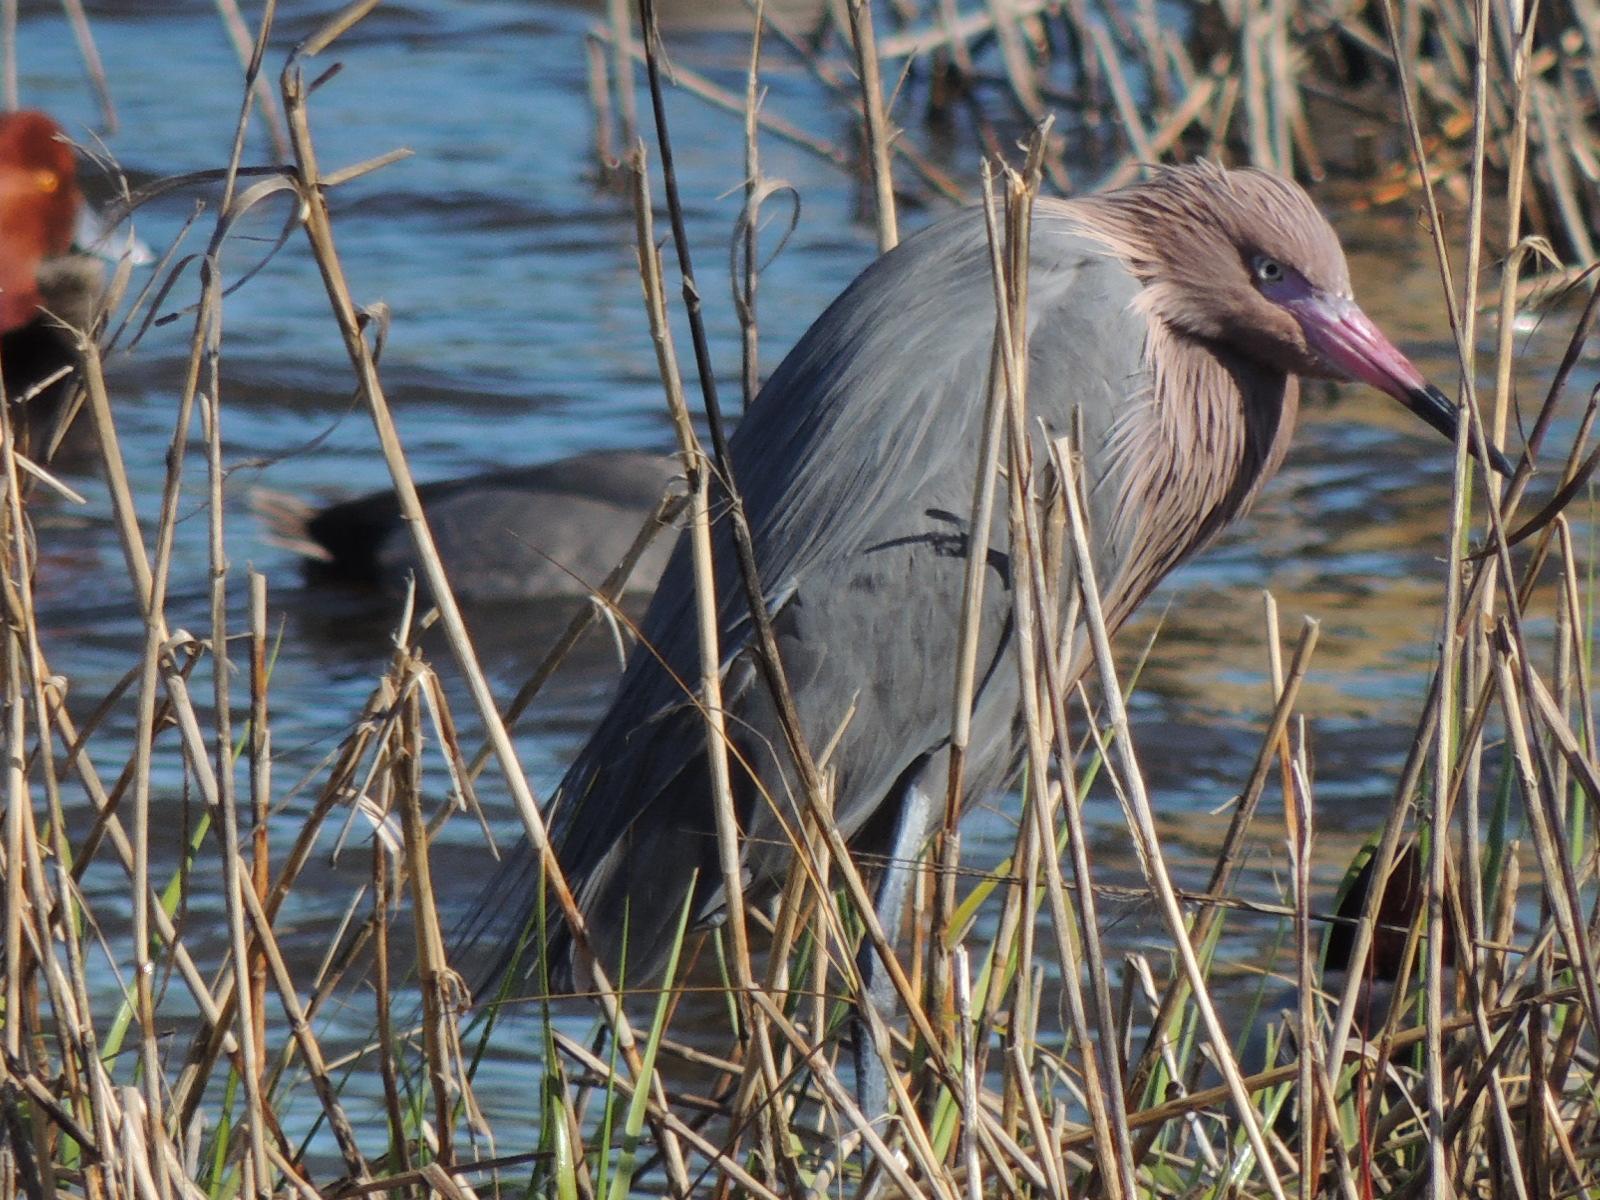 Reddish Egret Photo by Tony Heindel